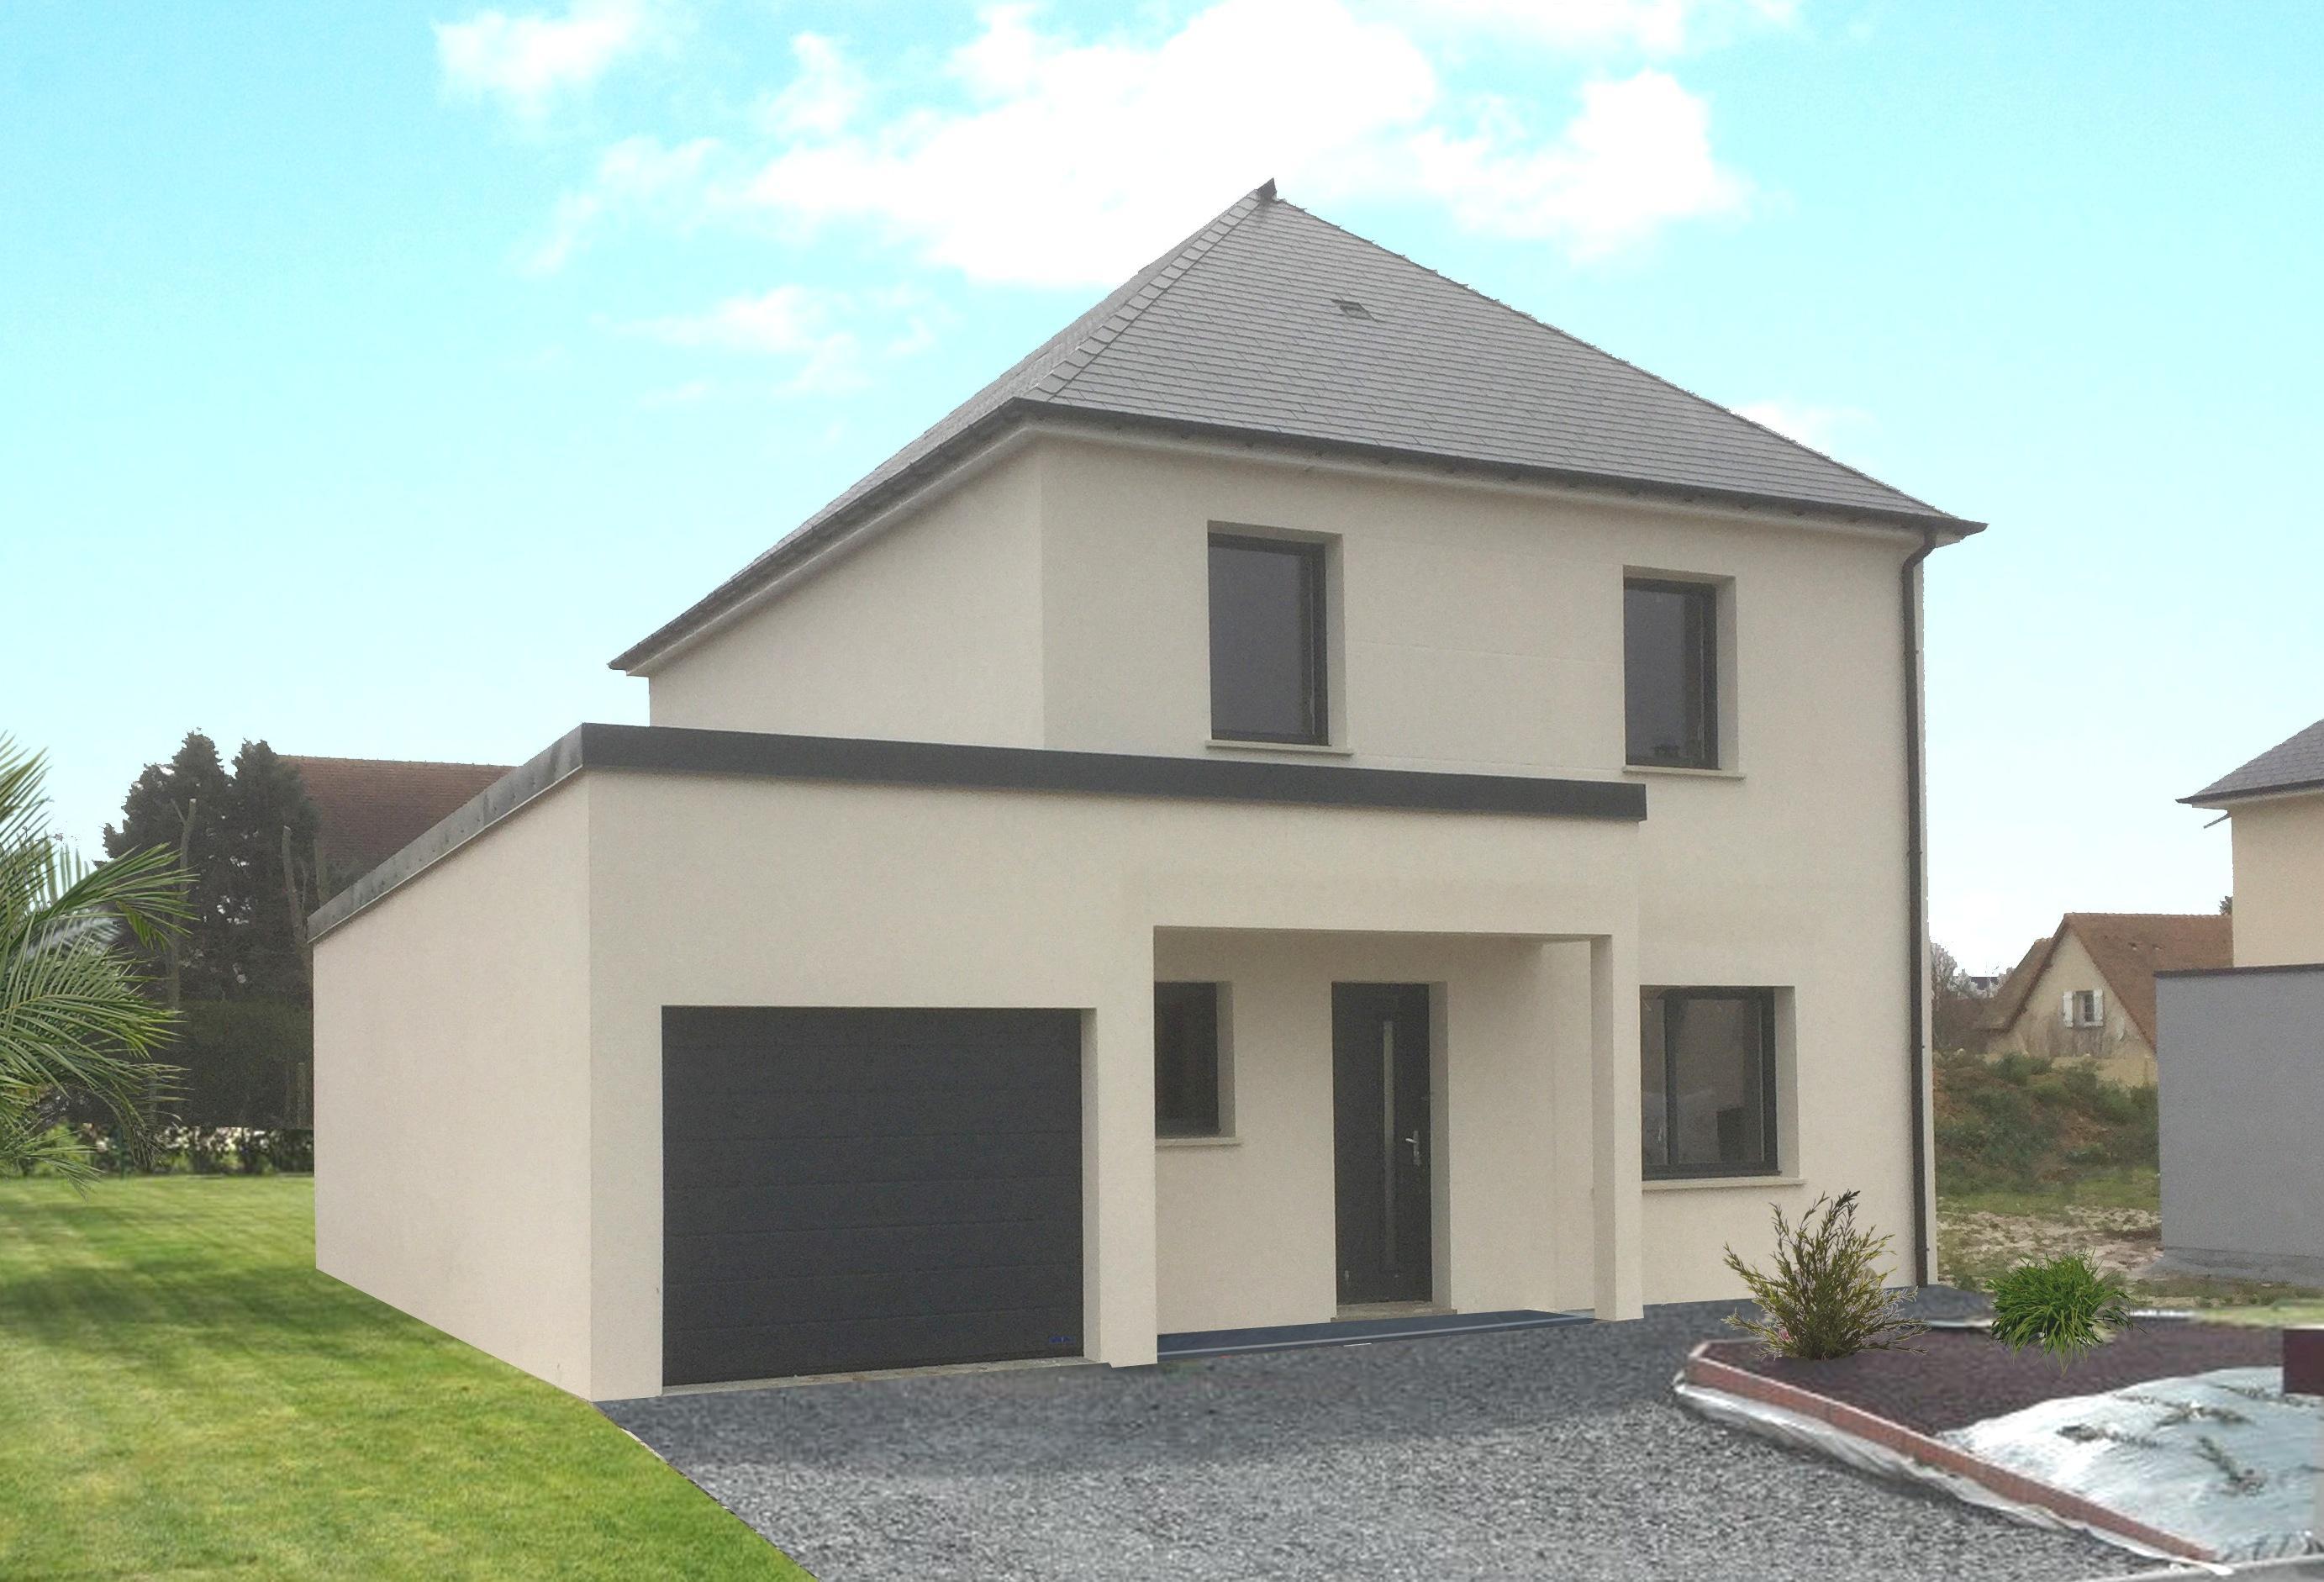 Maisons + Terrains du constructeur MAISON FAMILIALE • 103 m² • CHAUCONIN NEUFMONTIERS